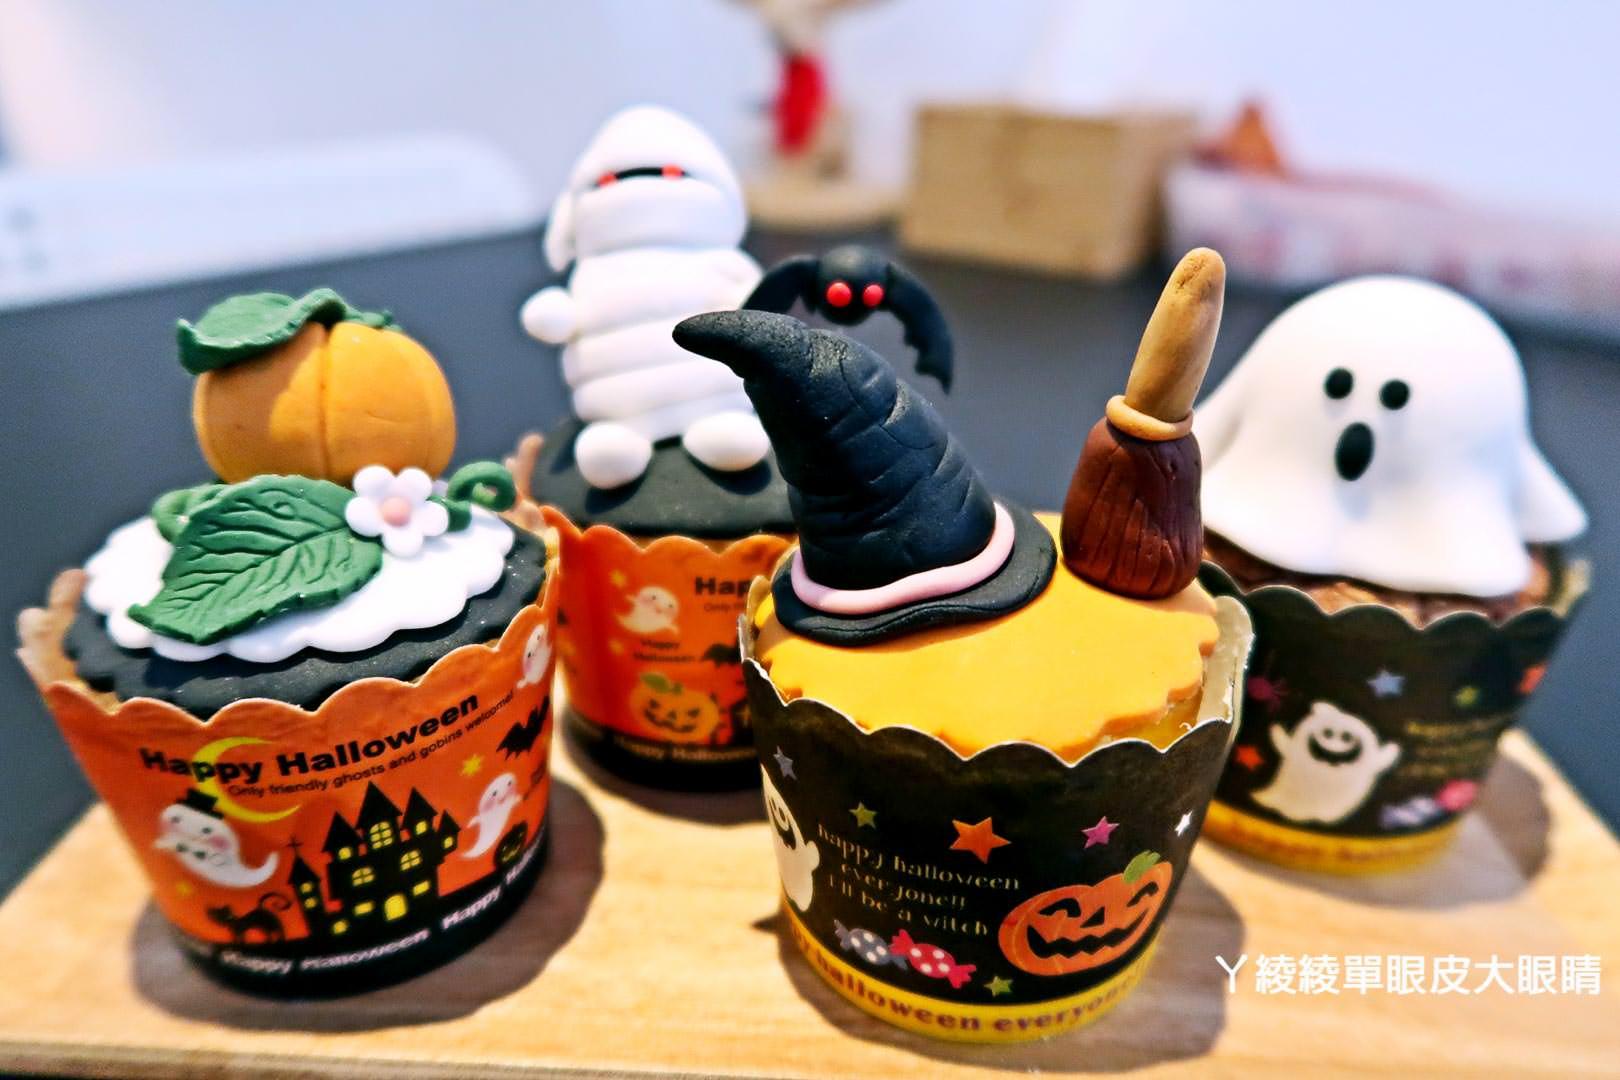 好想買!萬聖節搞怪木乃伊、淘氣幽靈|超可愛造型甜點在新竹(已歇業)